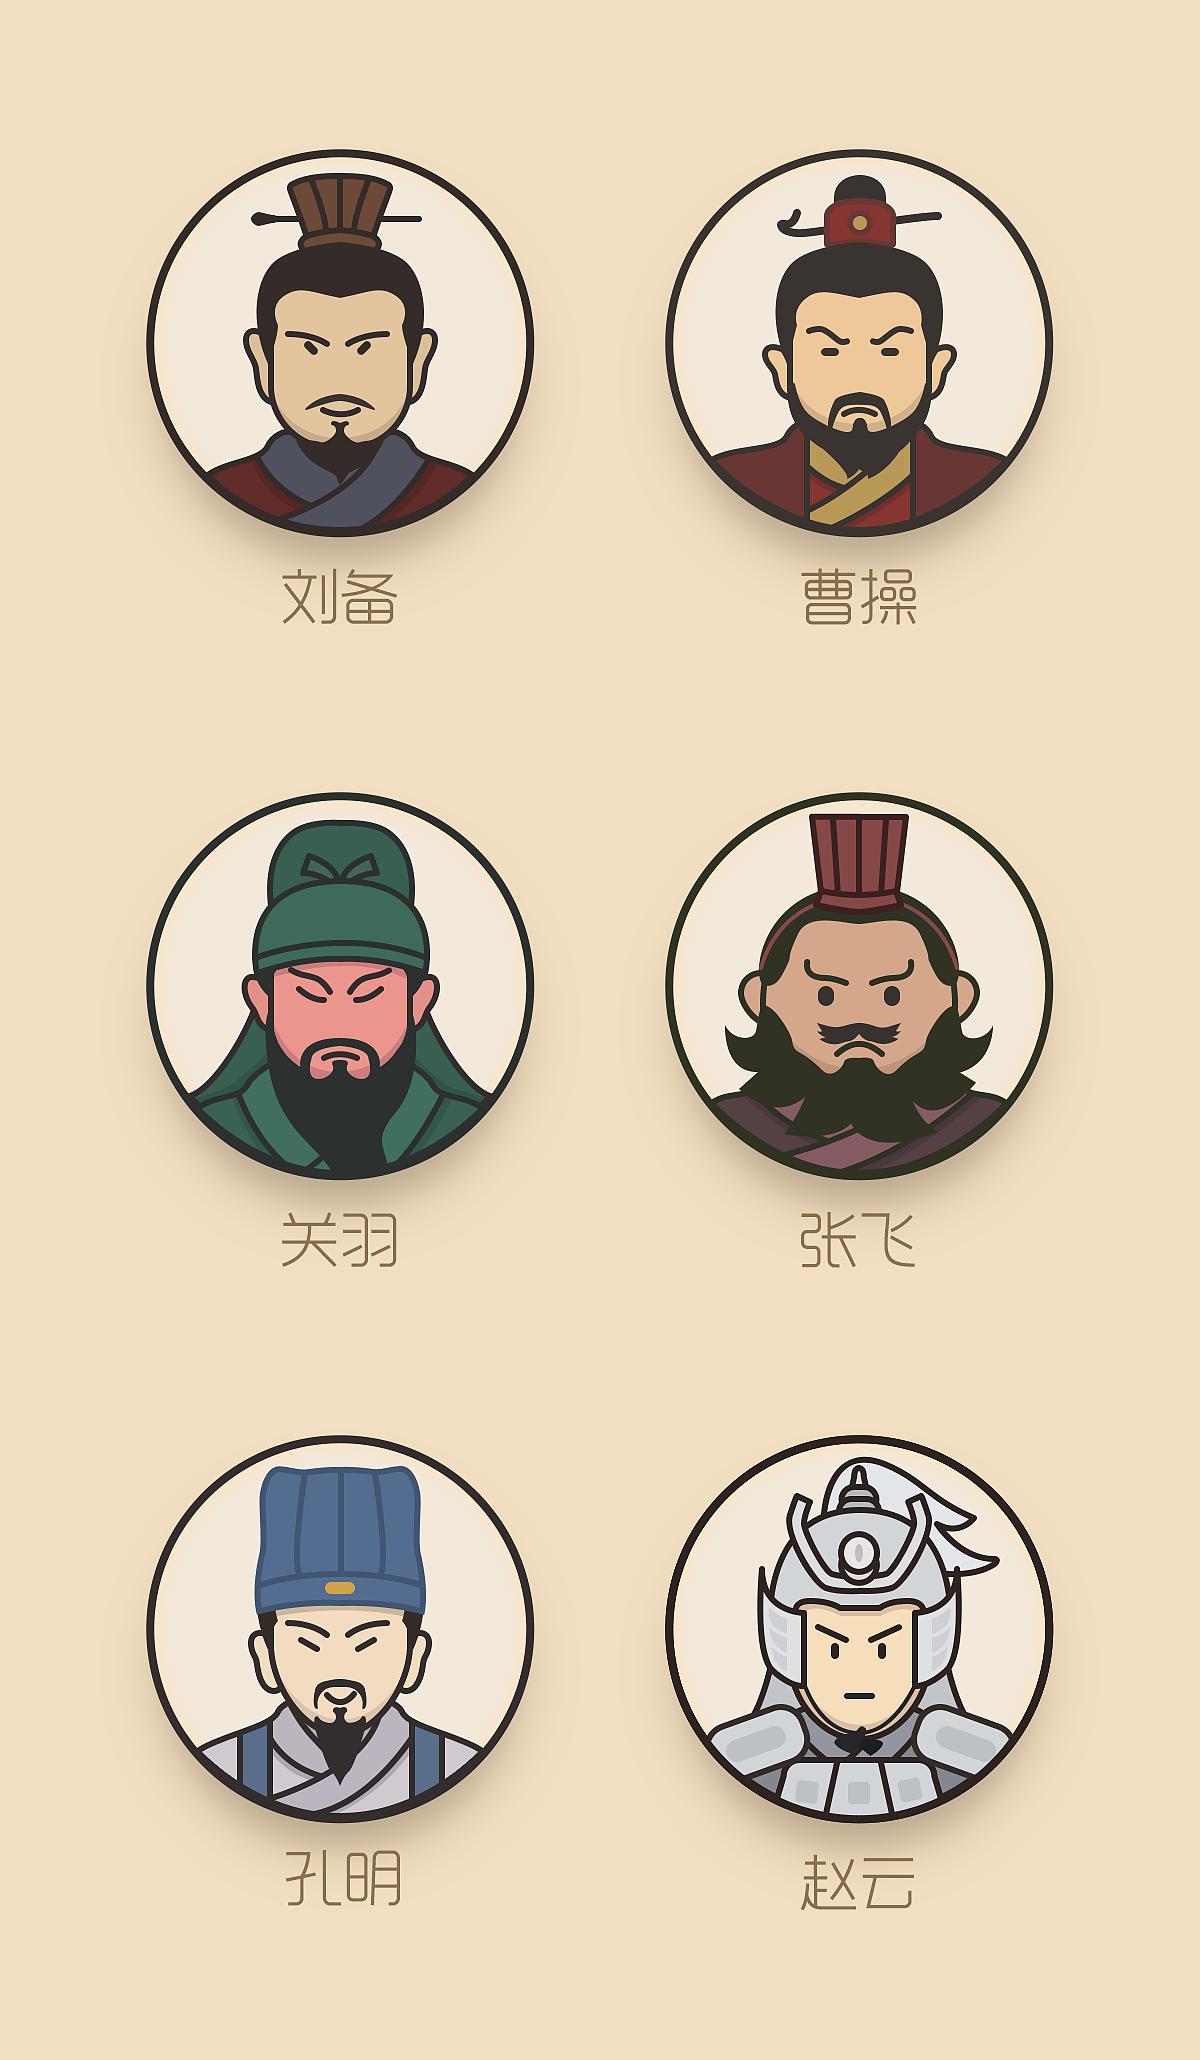 三国演义人物头像设计